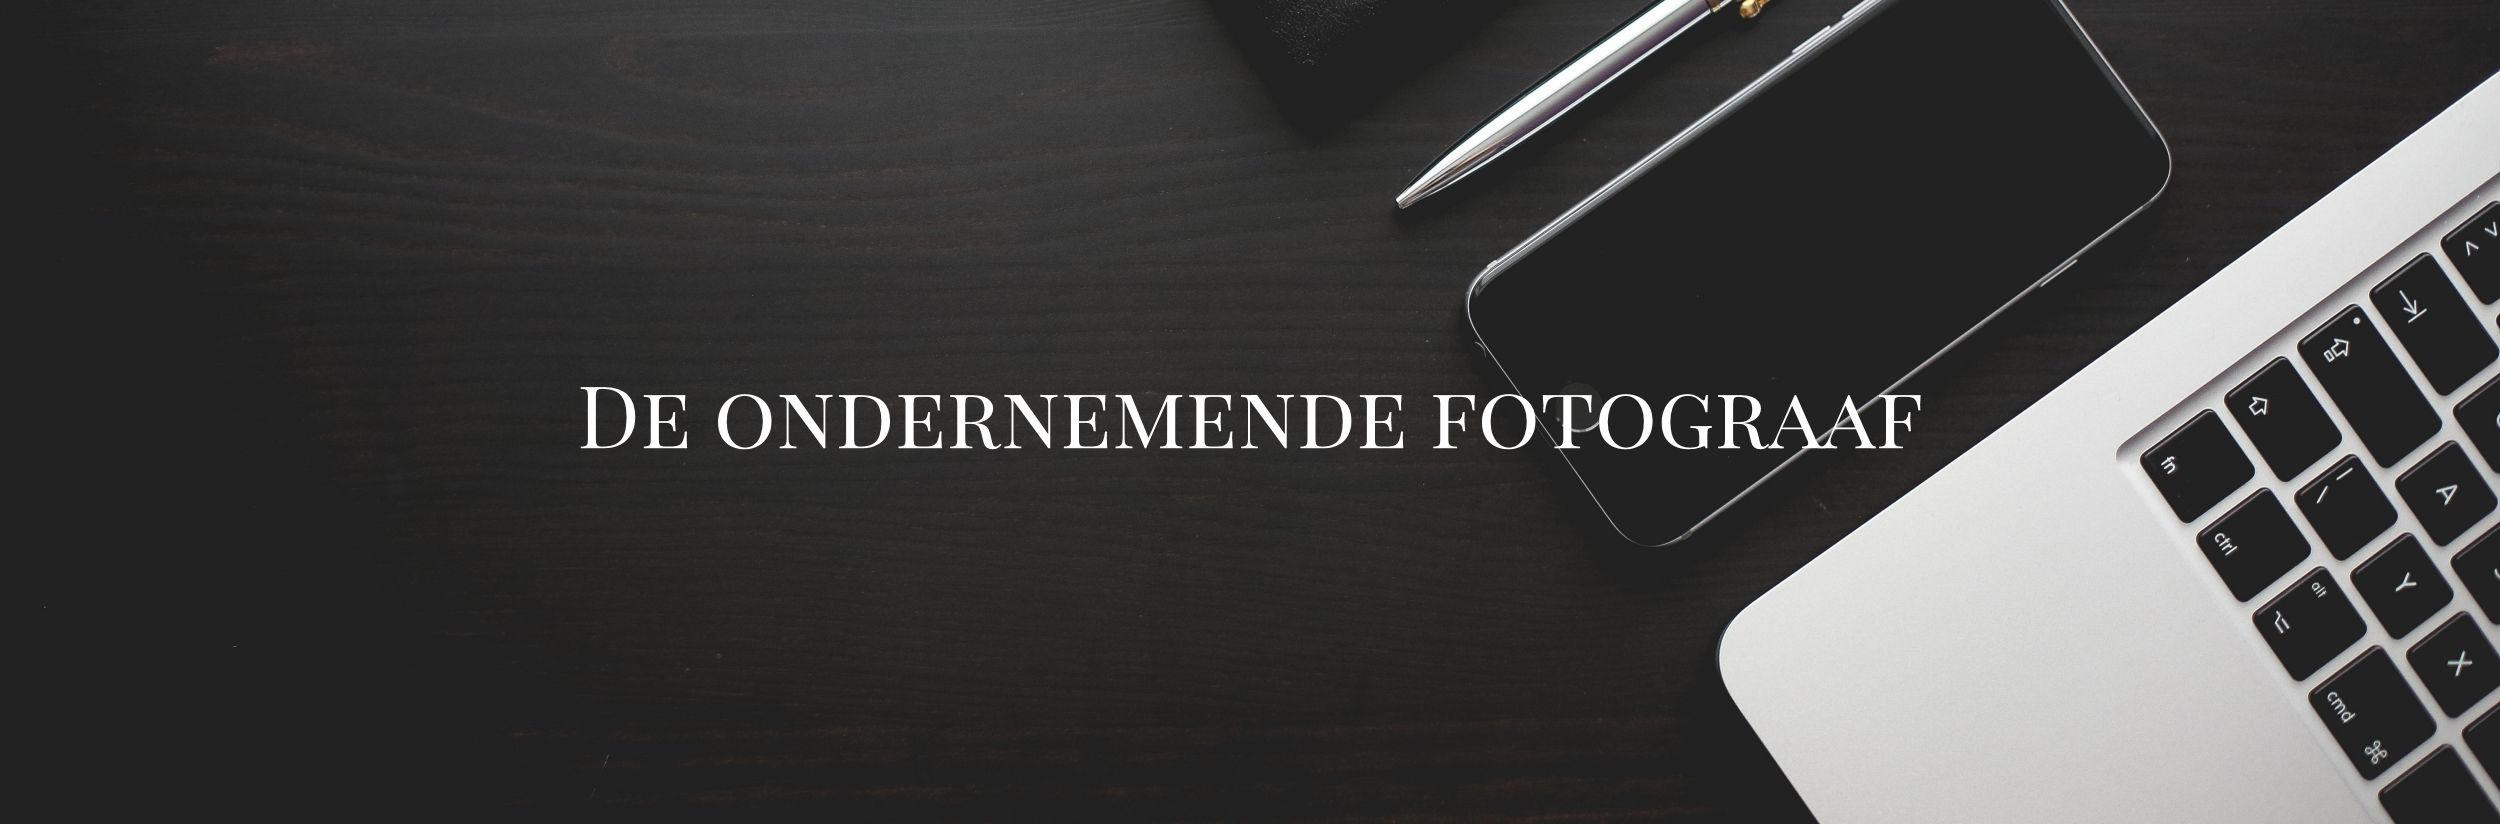 de-ondernemende-fotograaf-boek-door-femke-puijman